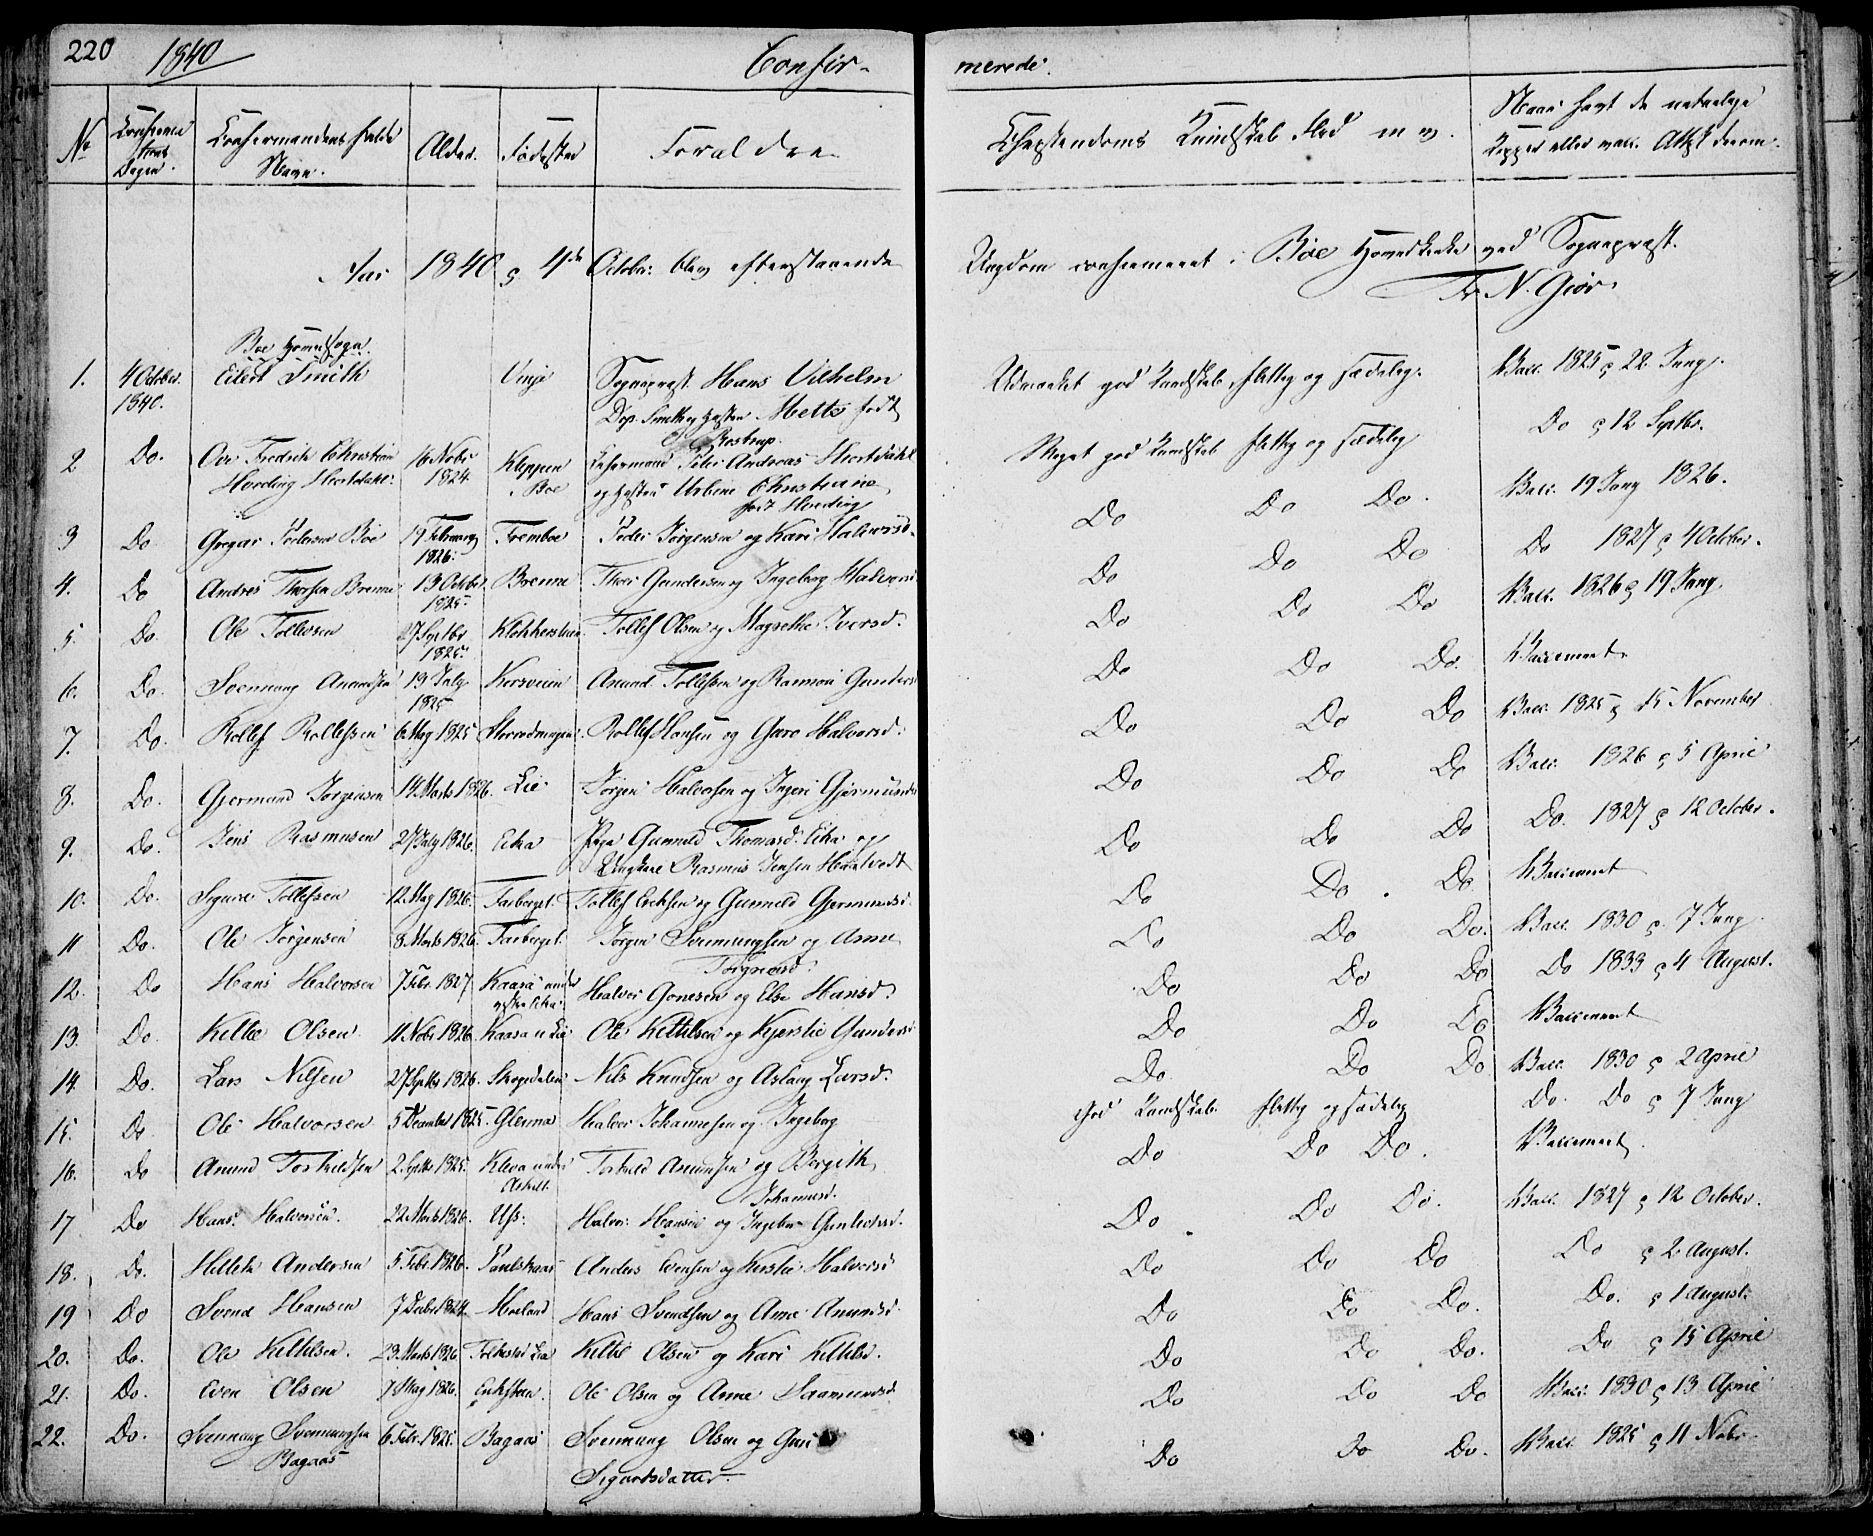 SAKO, Bø kirkebøker, F/Fa/L0007: Ministerialbok nr. 7, 1831-1848, s. 220